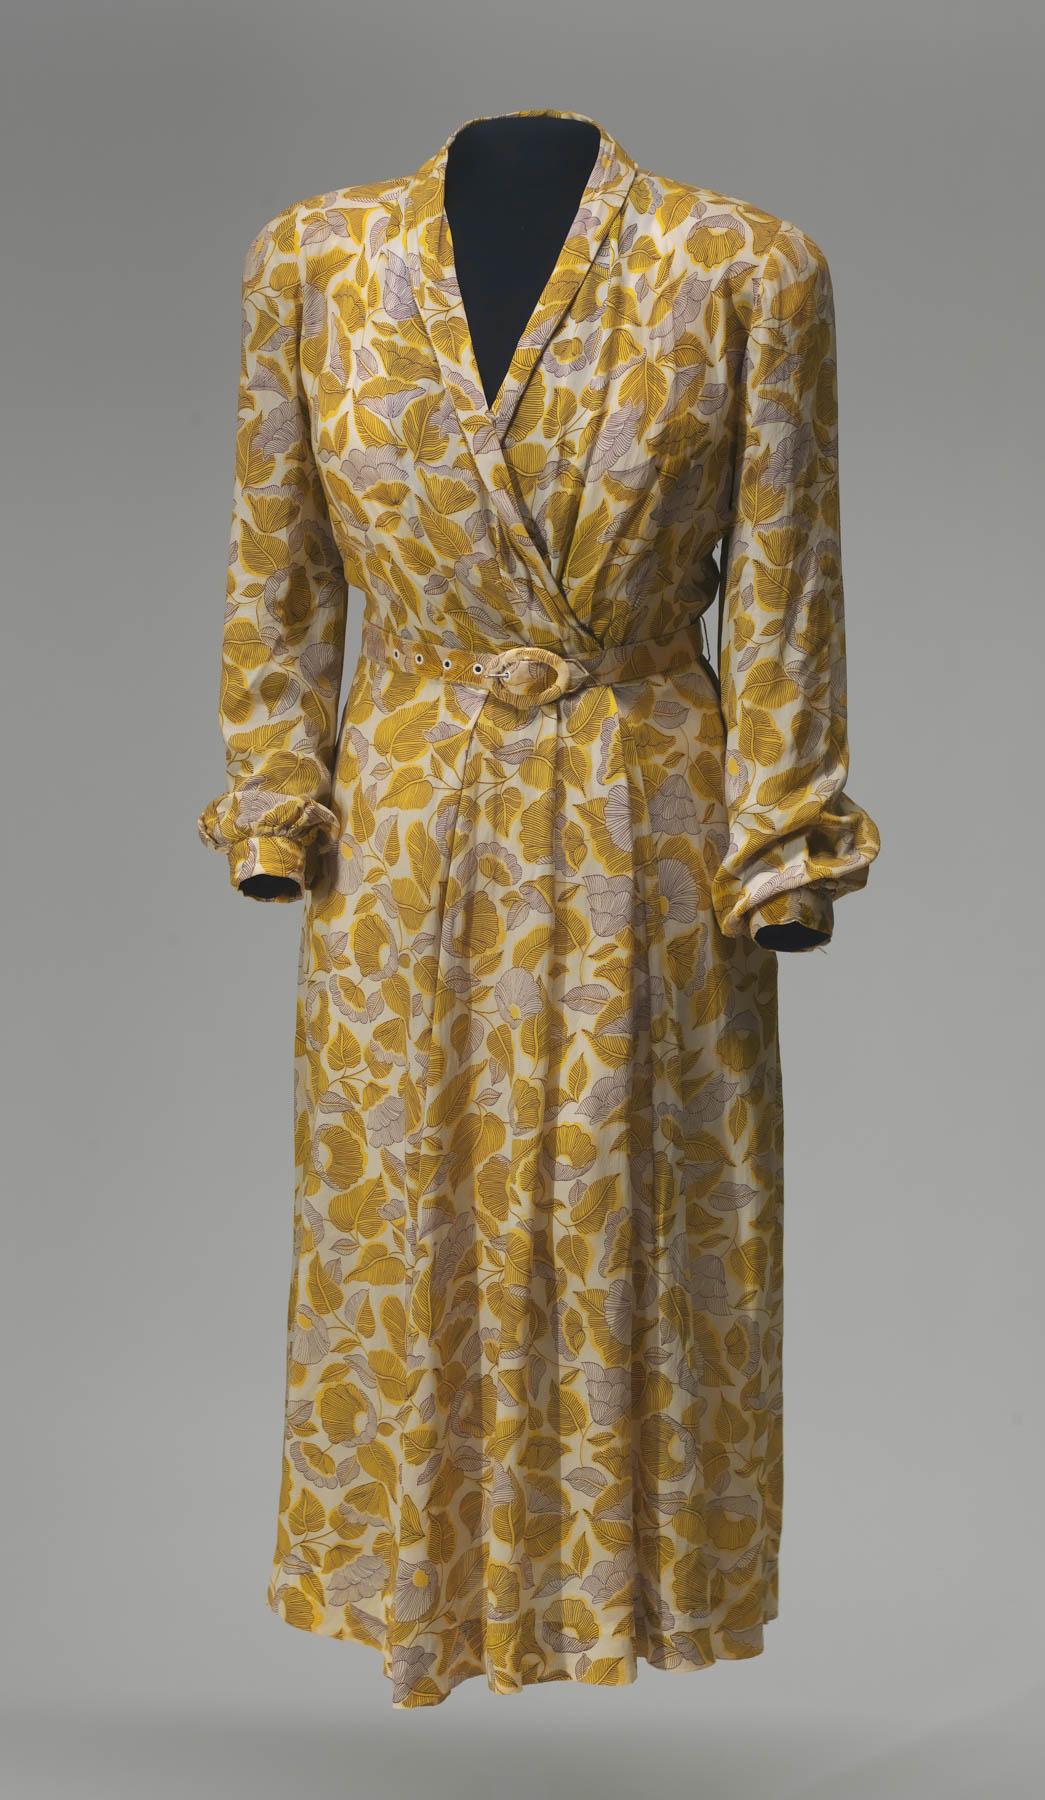 Vestido con flores amarillas (© Alex Jamison/Instituto Smithsoniano)